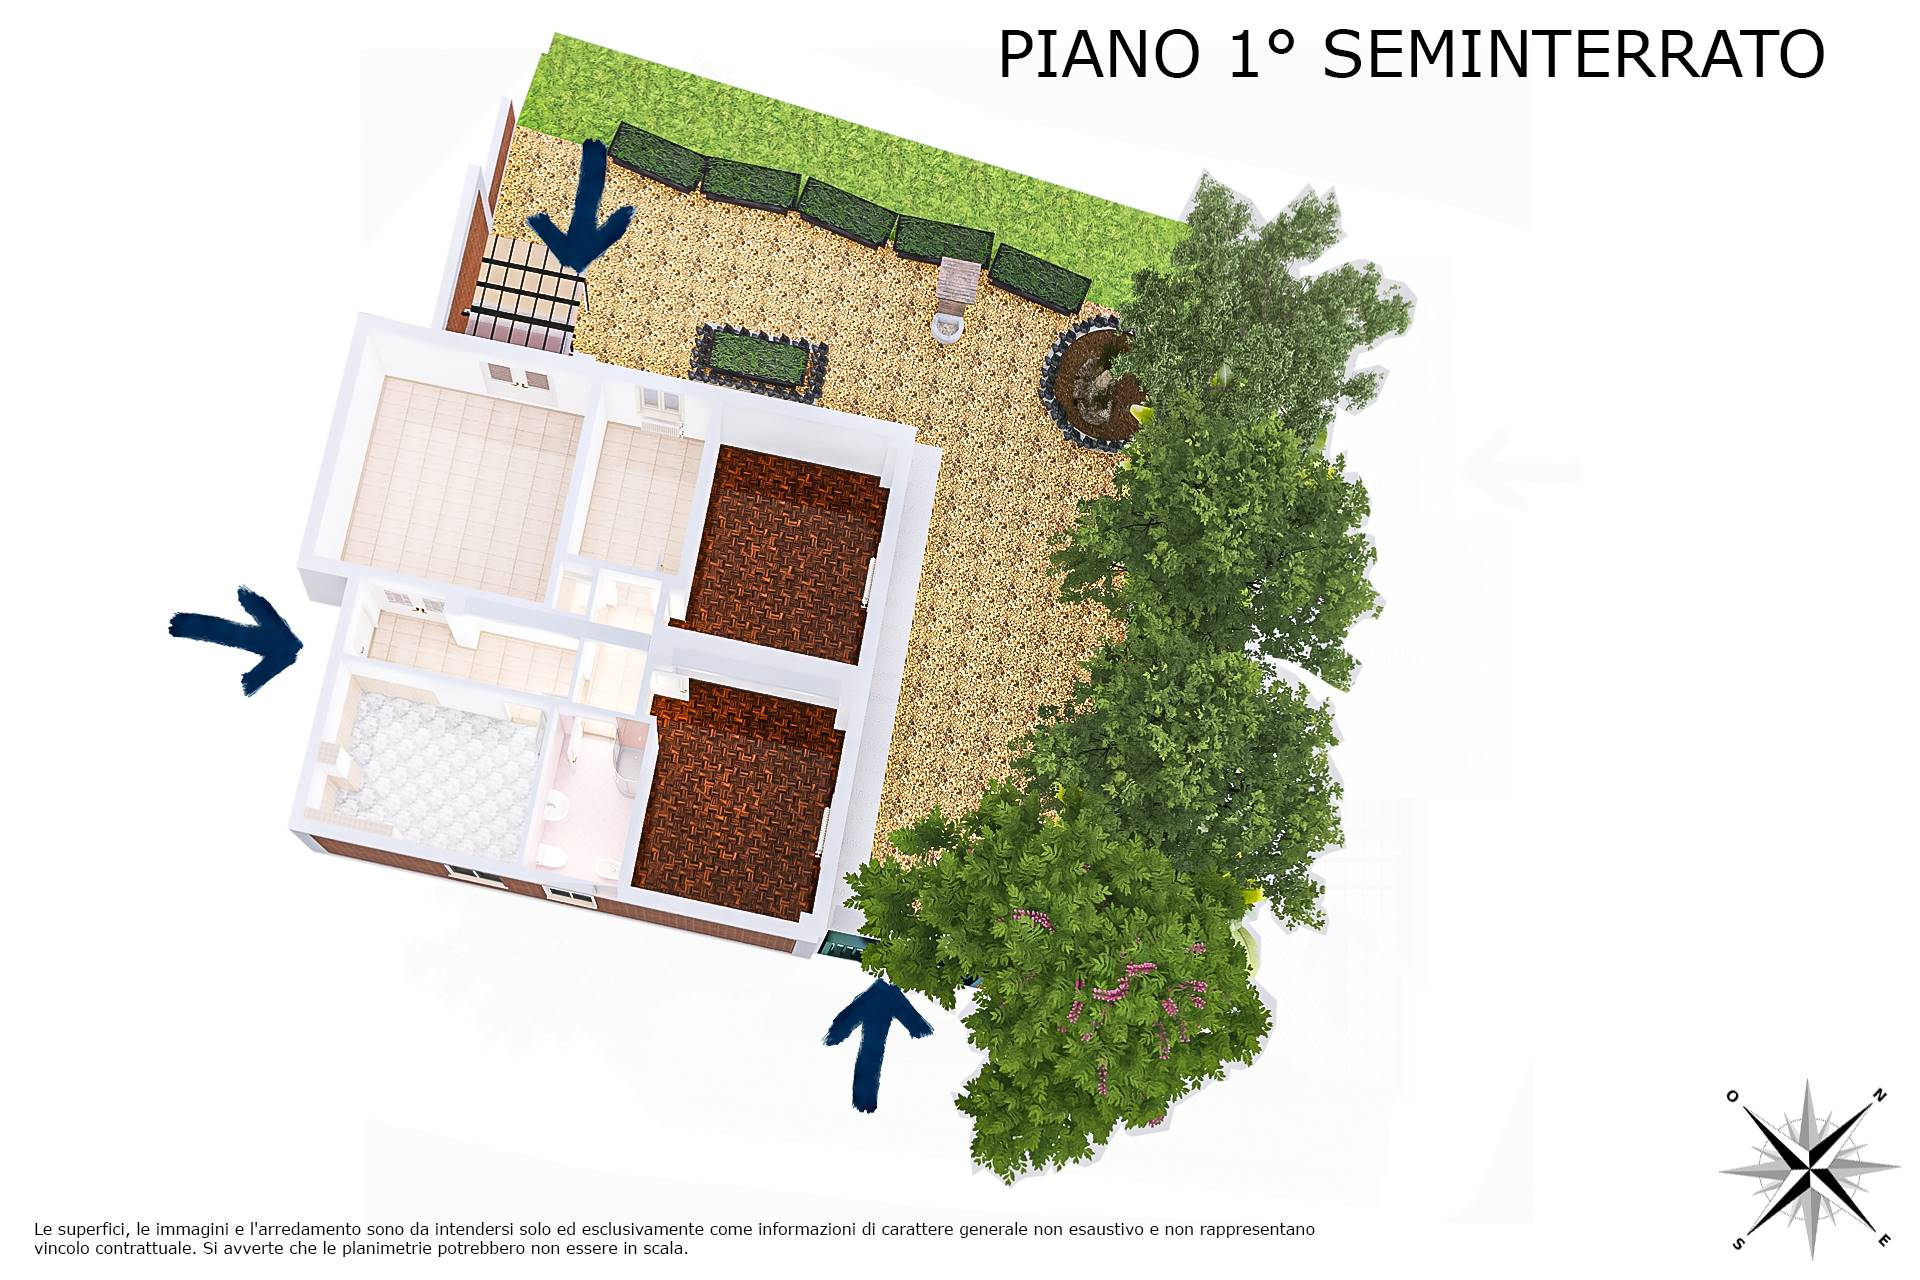 Planimetria 3D lato vani principali